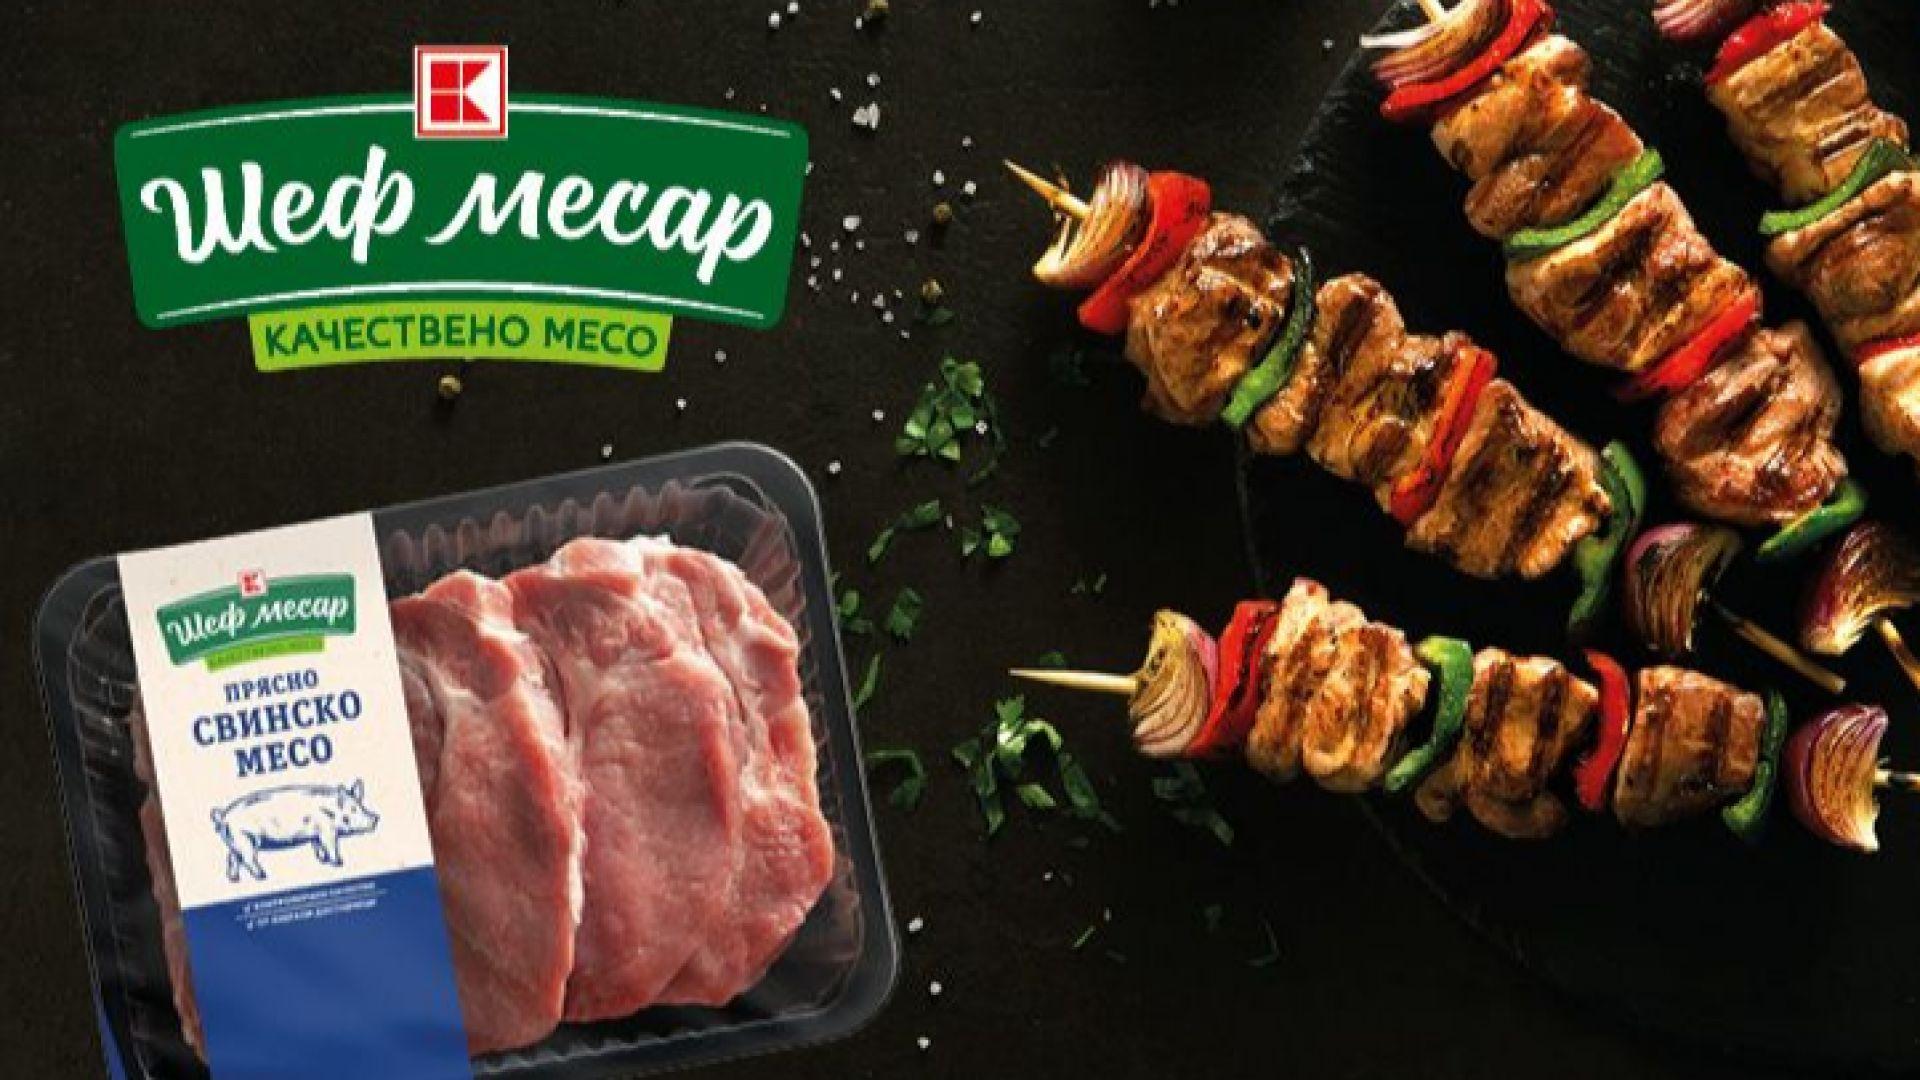 """Kaufland България представя на пазара нова собствена марка прясно качествено месо """"Шеф Месар"""""""